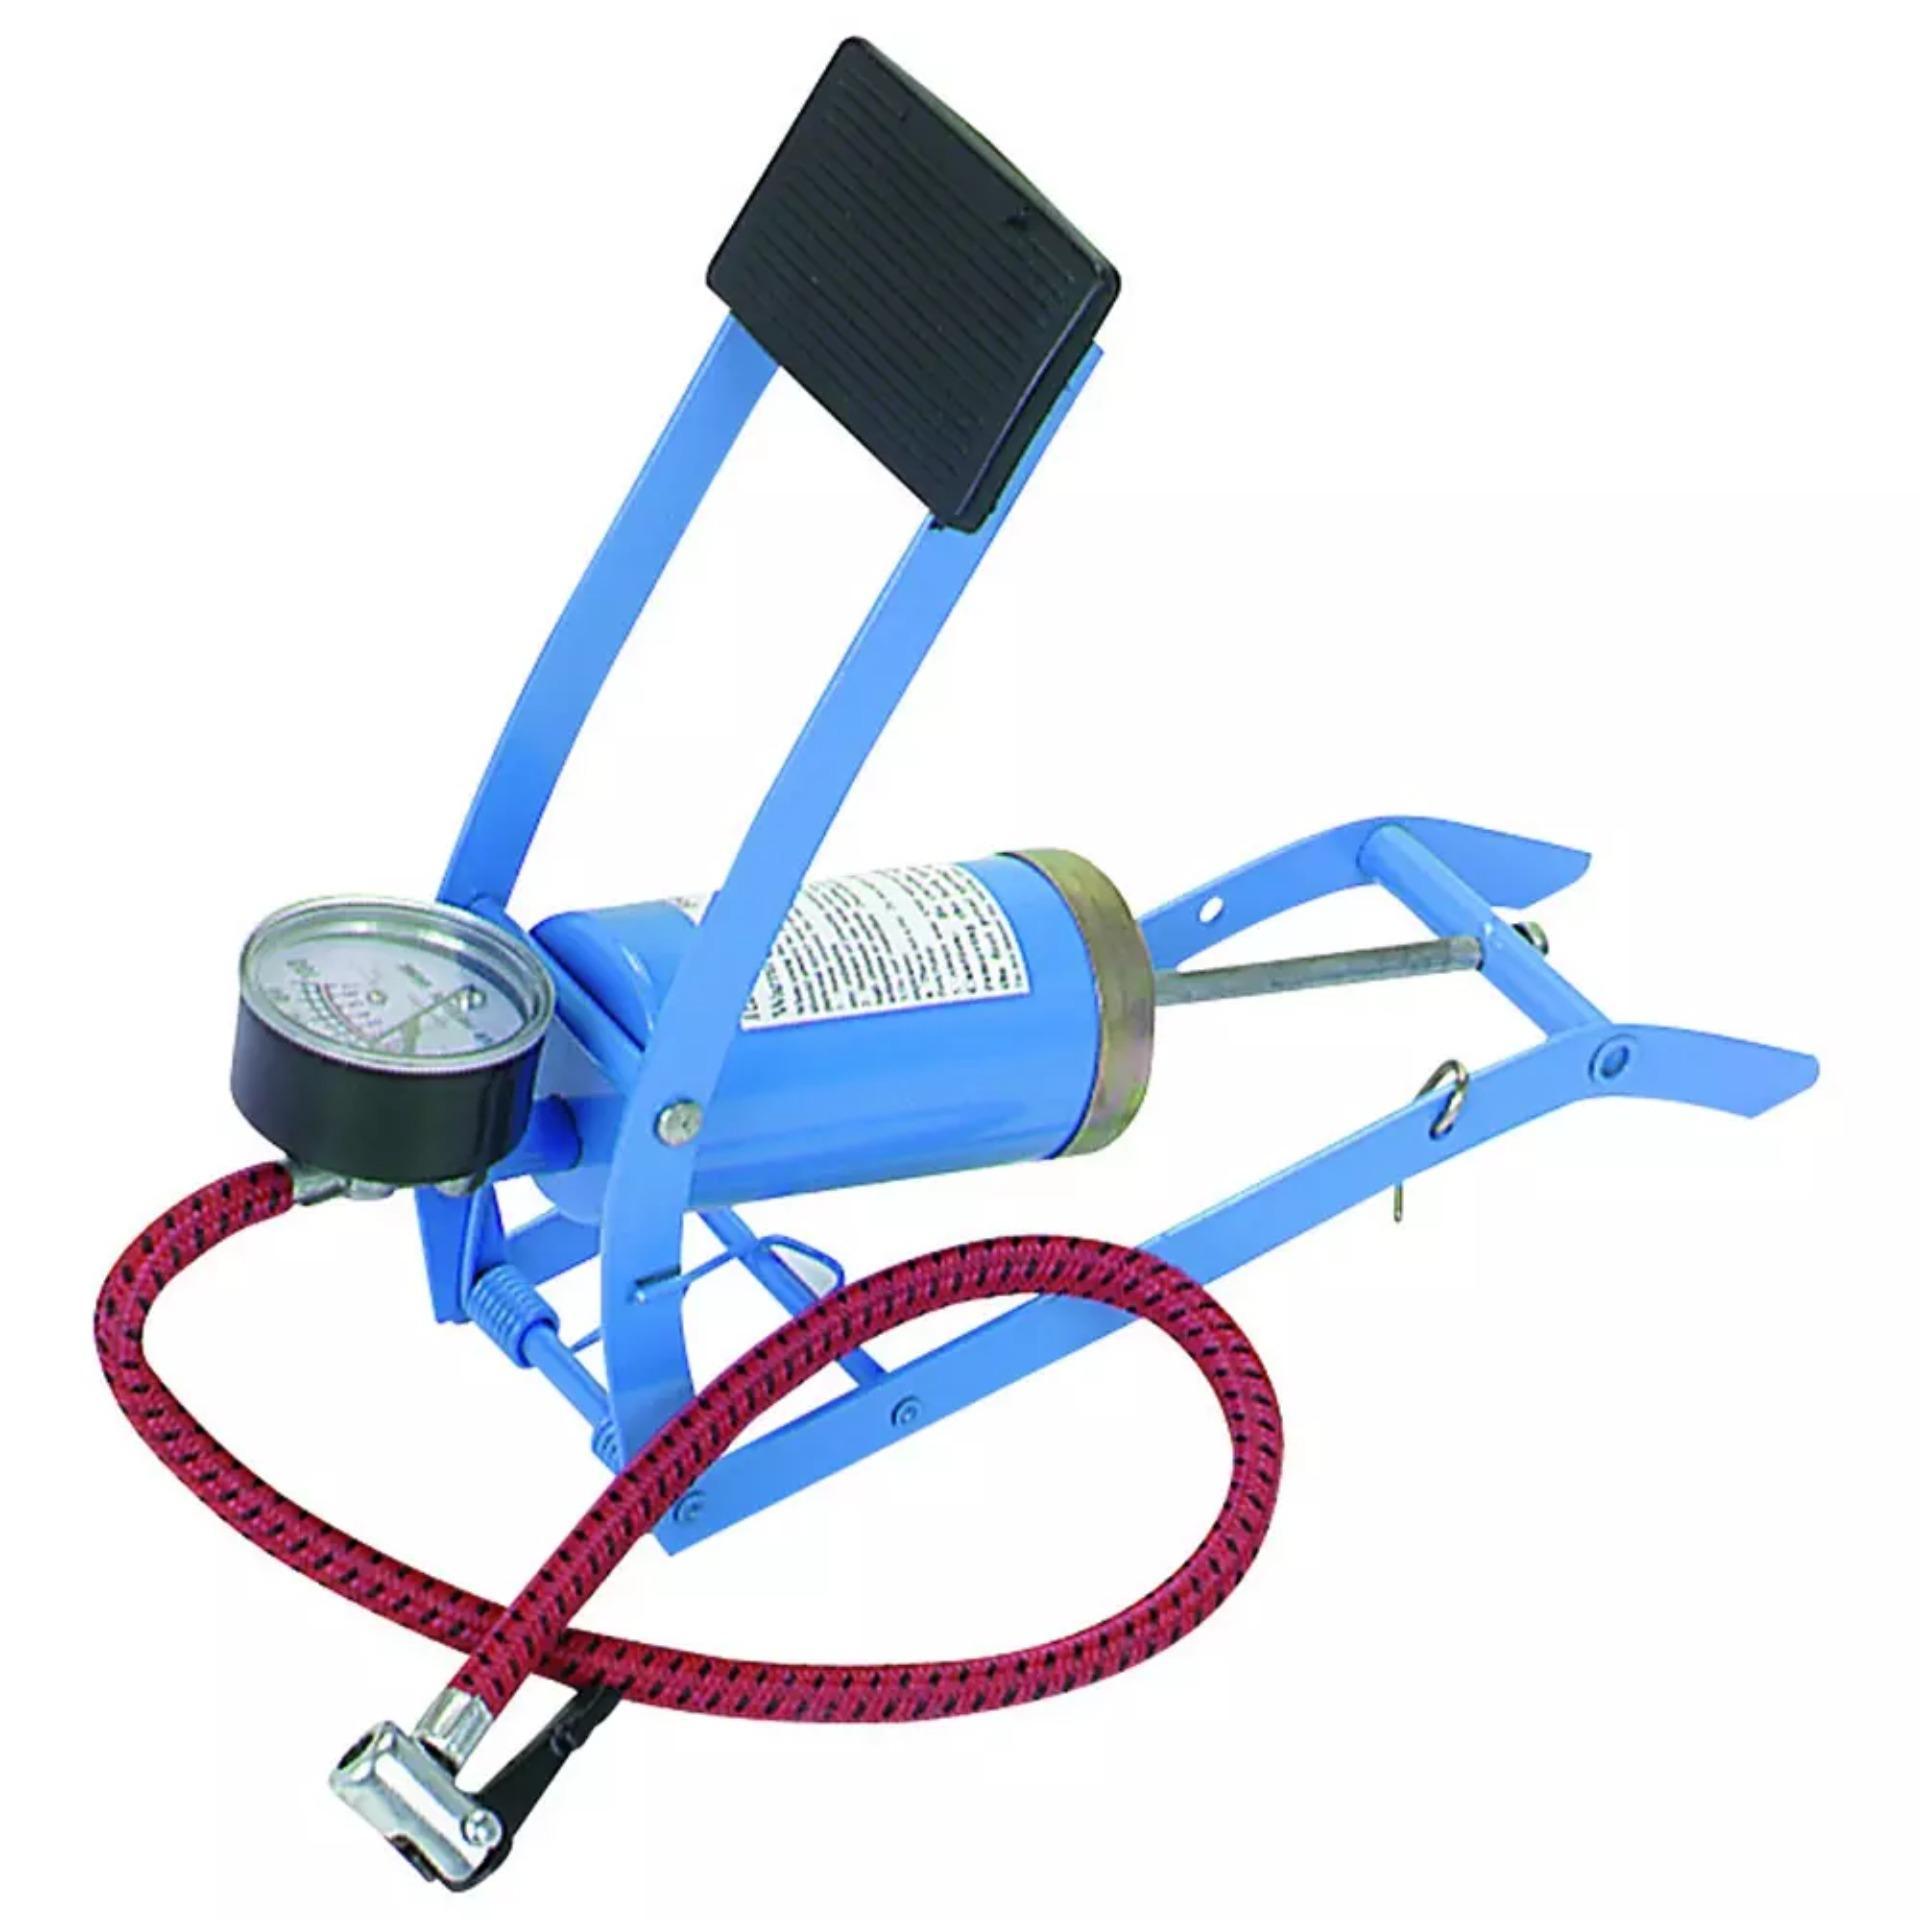 Universal Pompa Angin Manual Kaki Injak Mobil Sepeda Motor Daftar Foot Pump Darurat Ban Kolam Mainan Untuk Dll